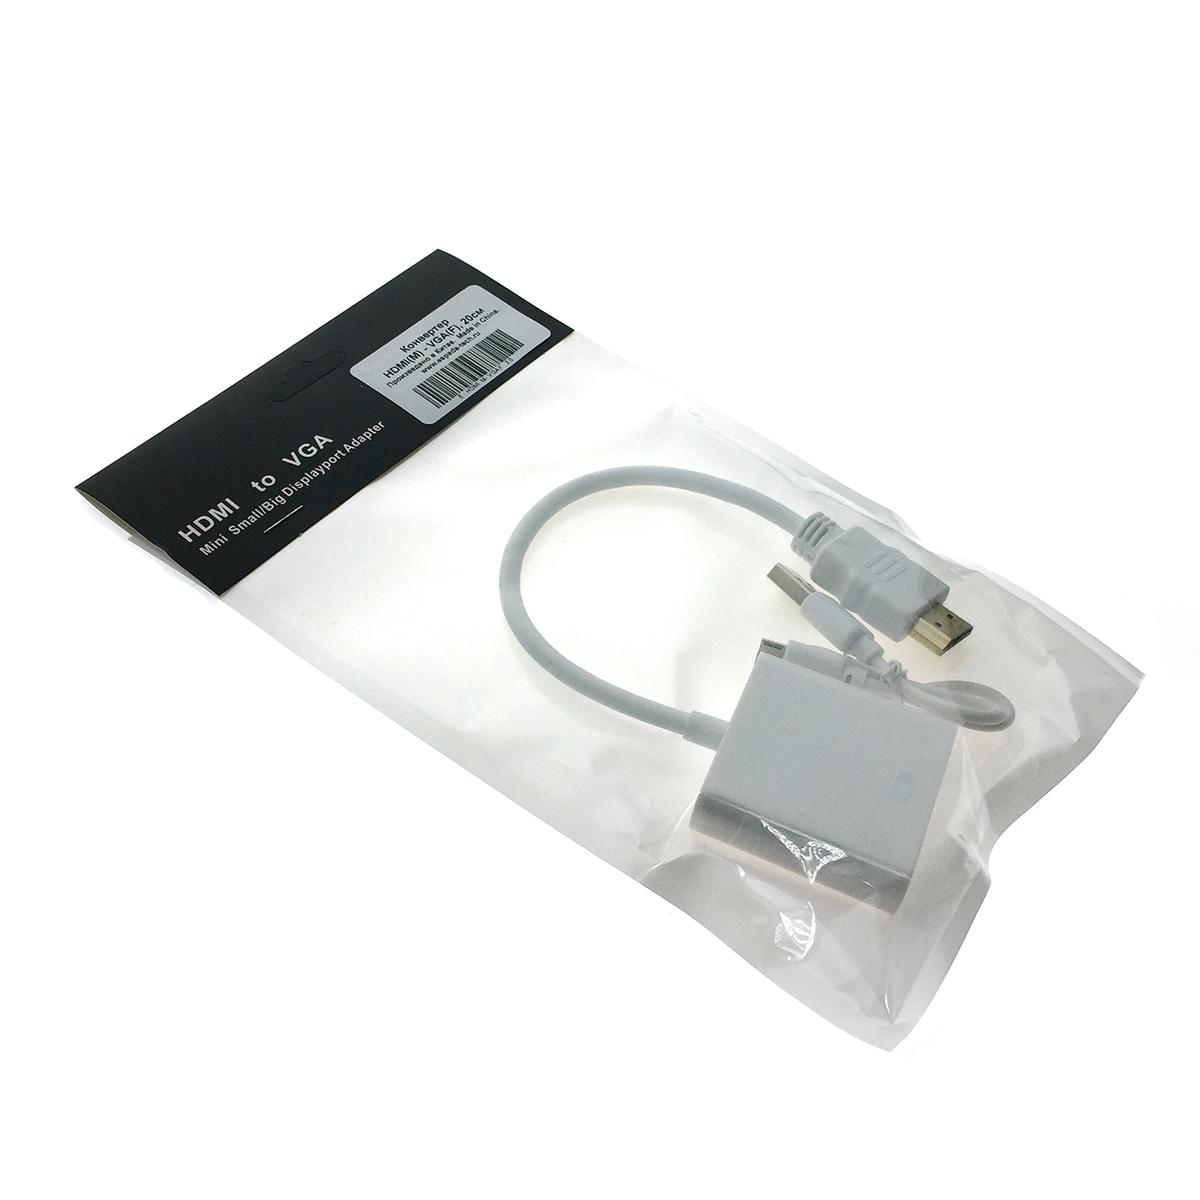 Конвертер HDMI type A male 19 pin to VGA female 15 pin со звуком 3.5 мм Espada EHDMIM-VGAF20